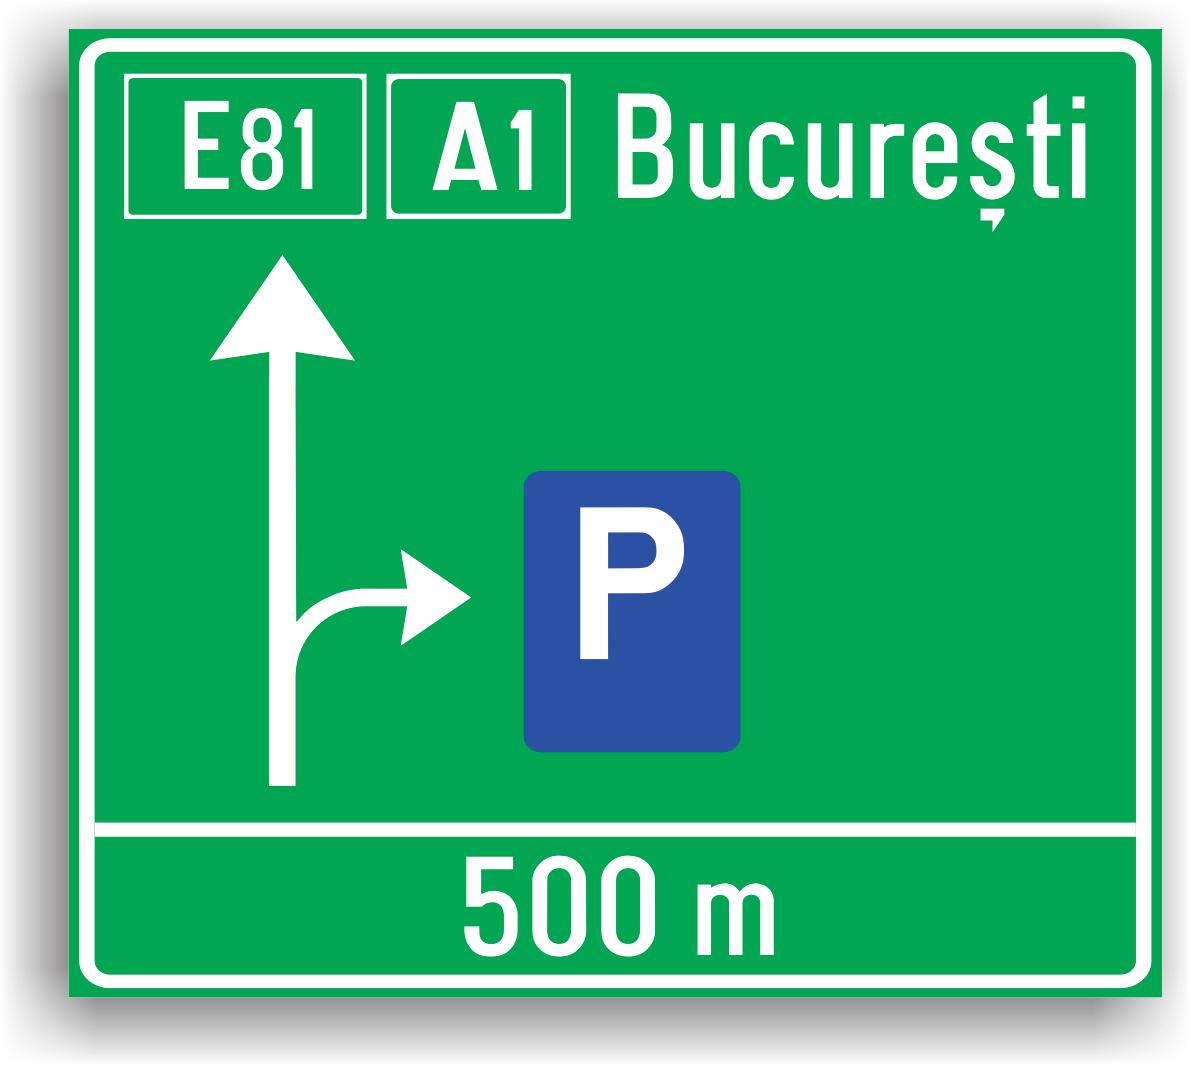 Indicatorul alaturat se monteaza pe o autostrada pentru a indica conducatorilor auto spatiile special amenajate unde pot parca.